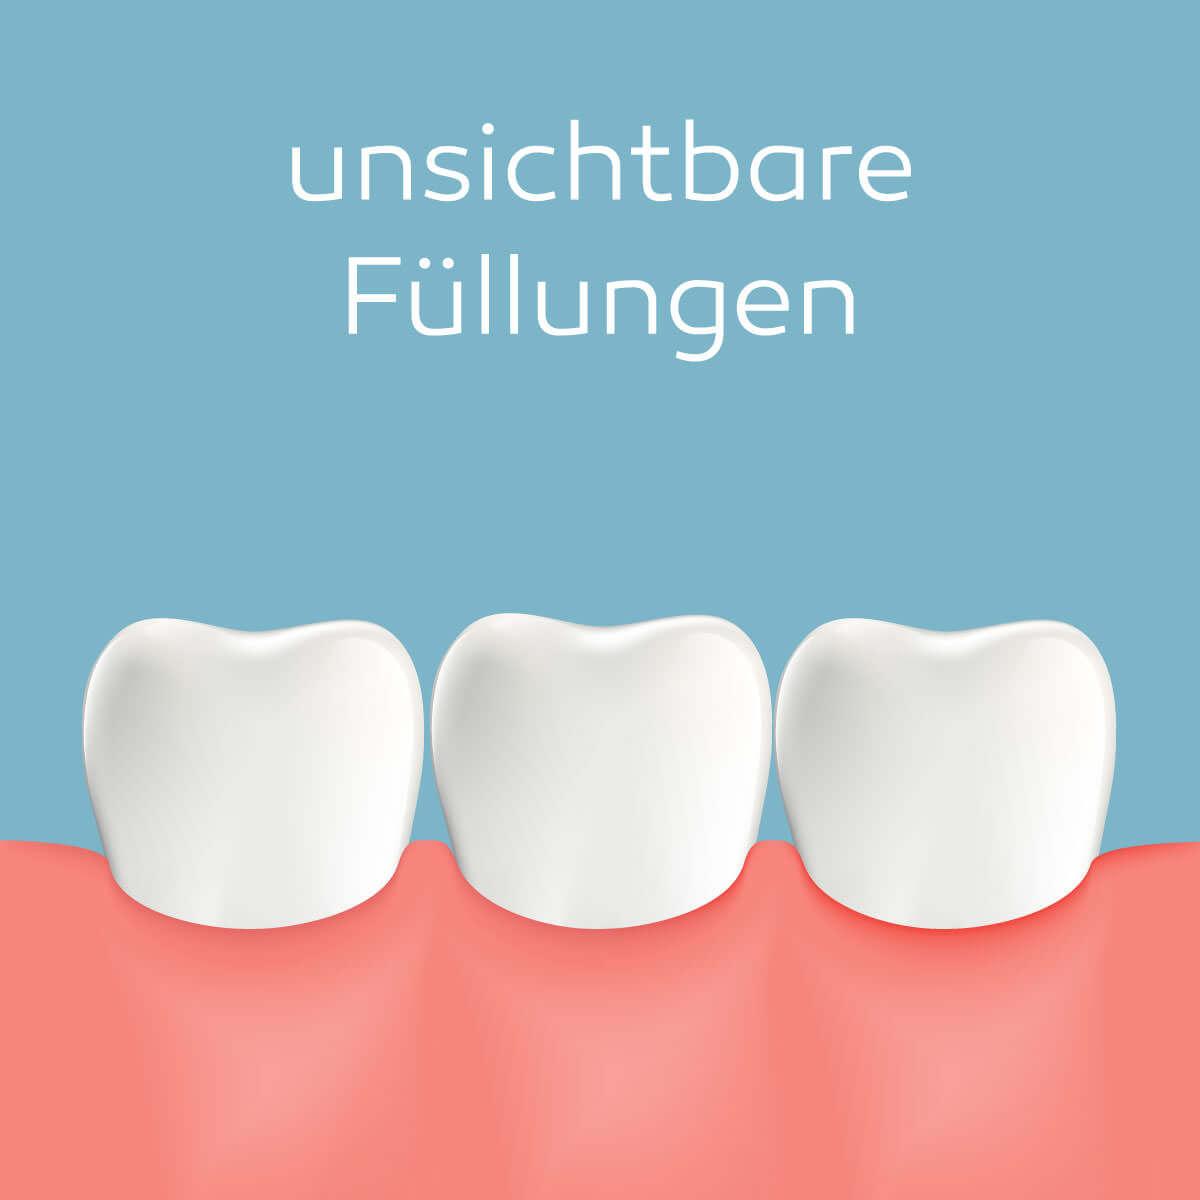 unsichtbare Zahnfüllungen